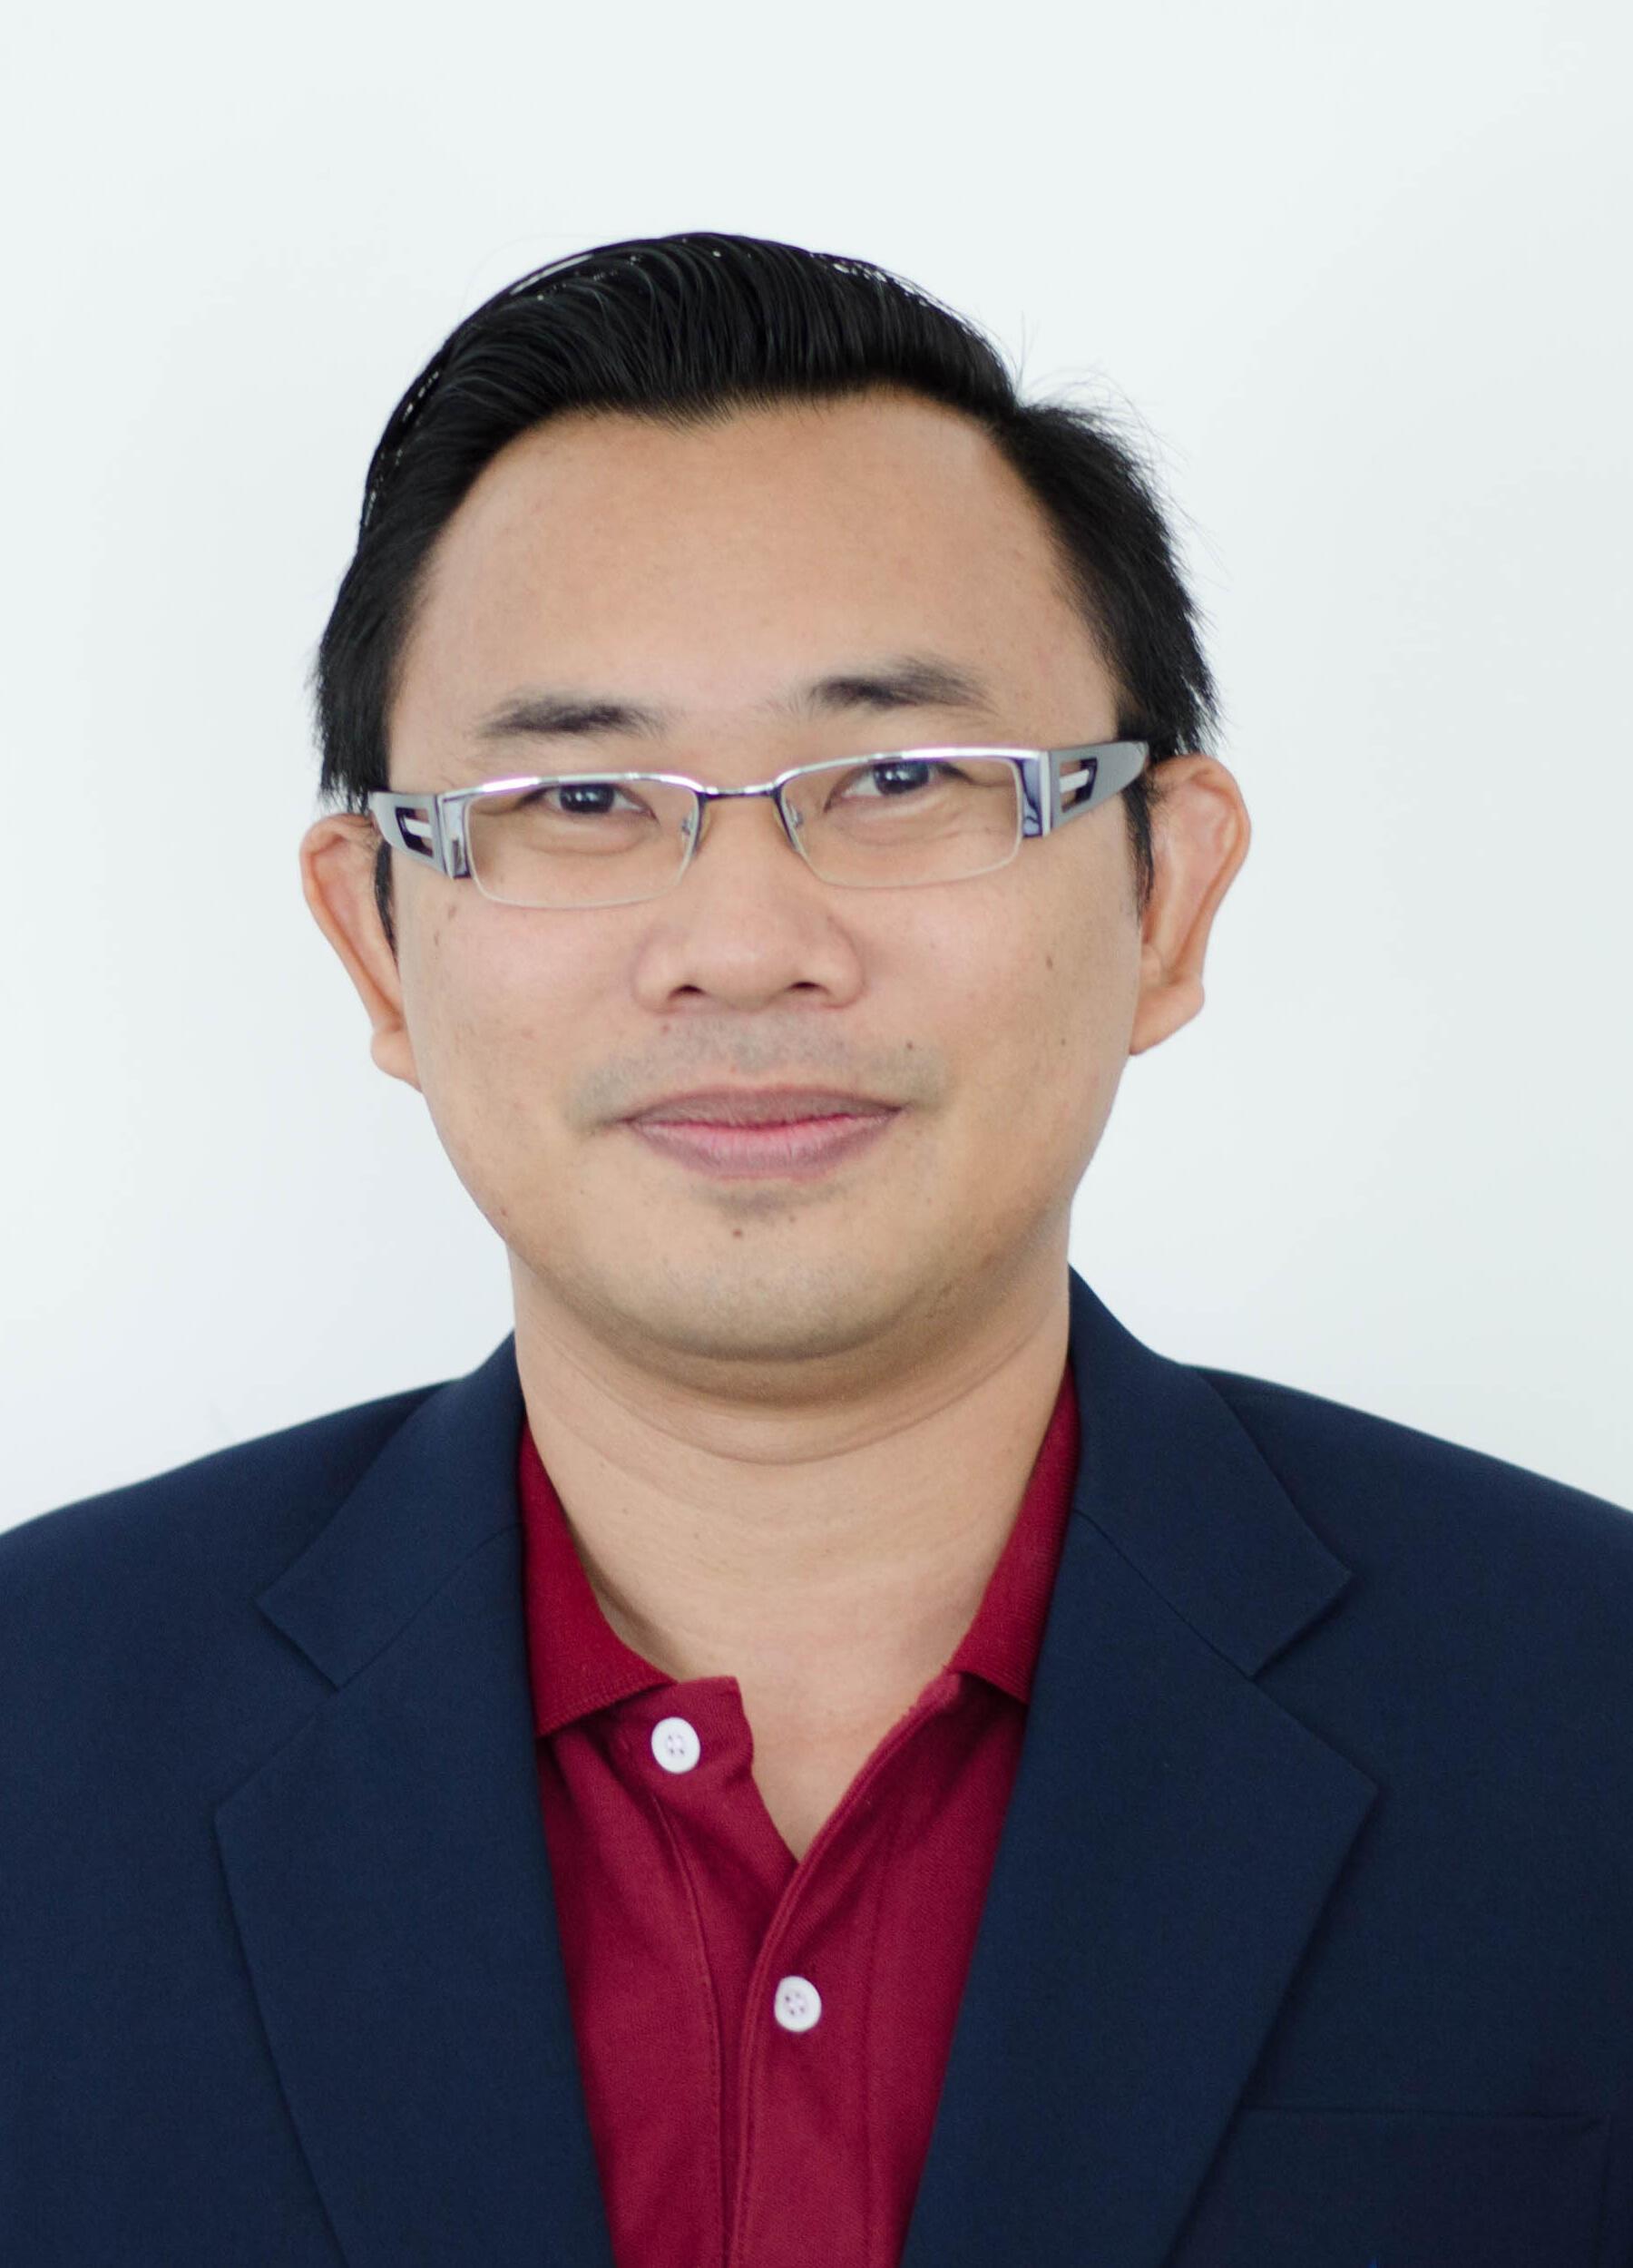 jintawat_web